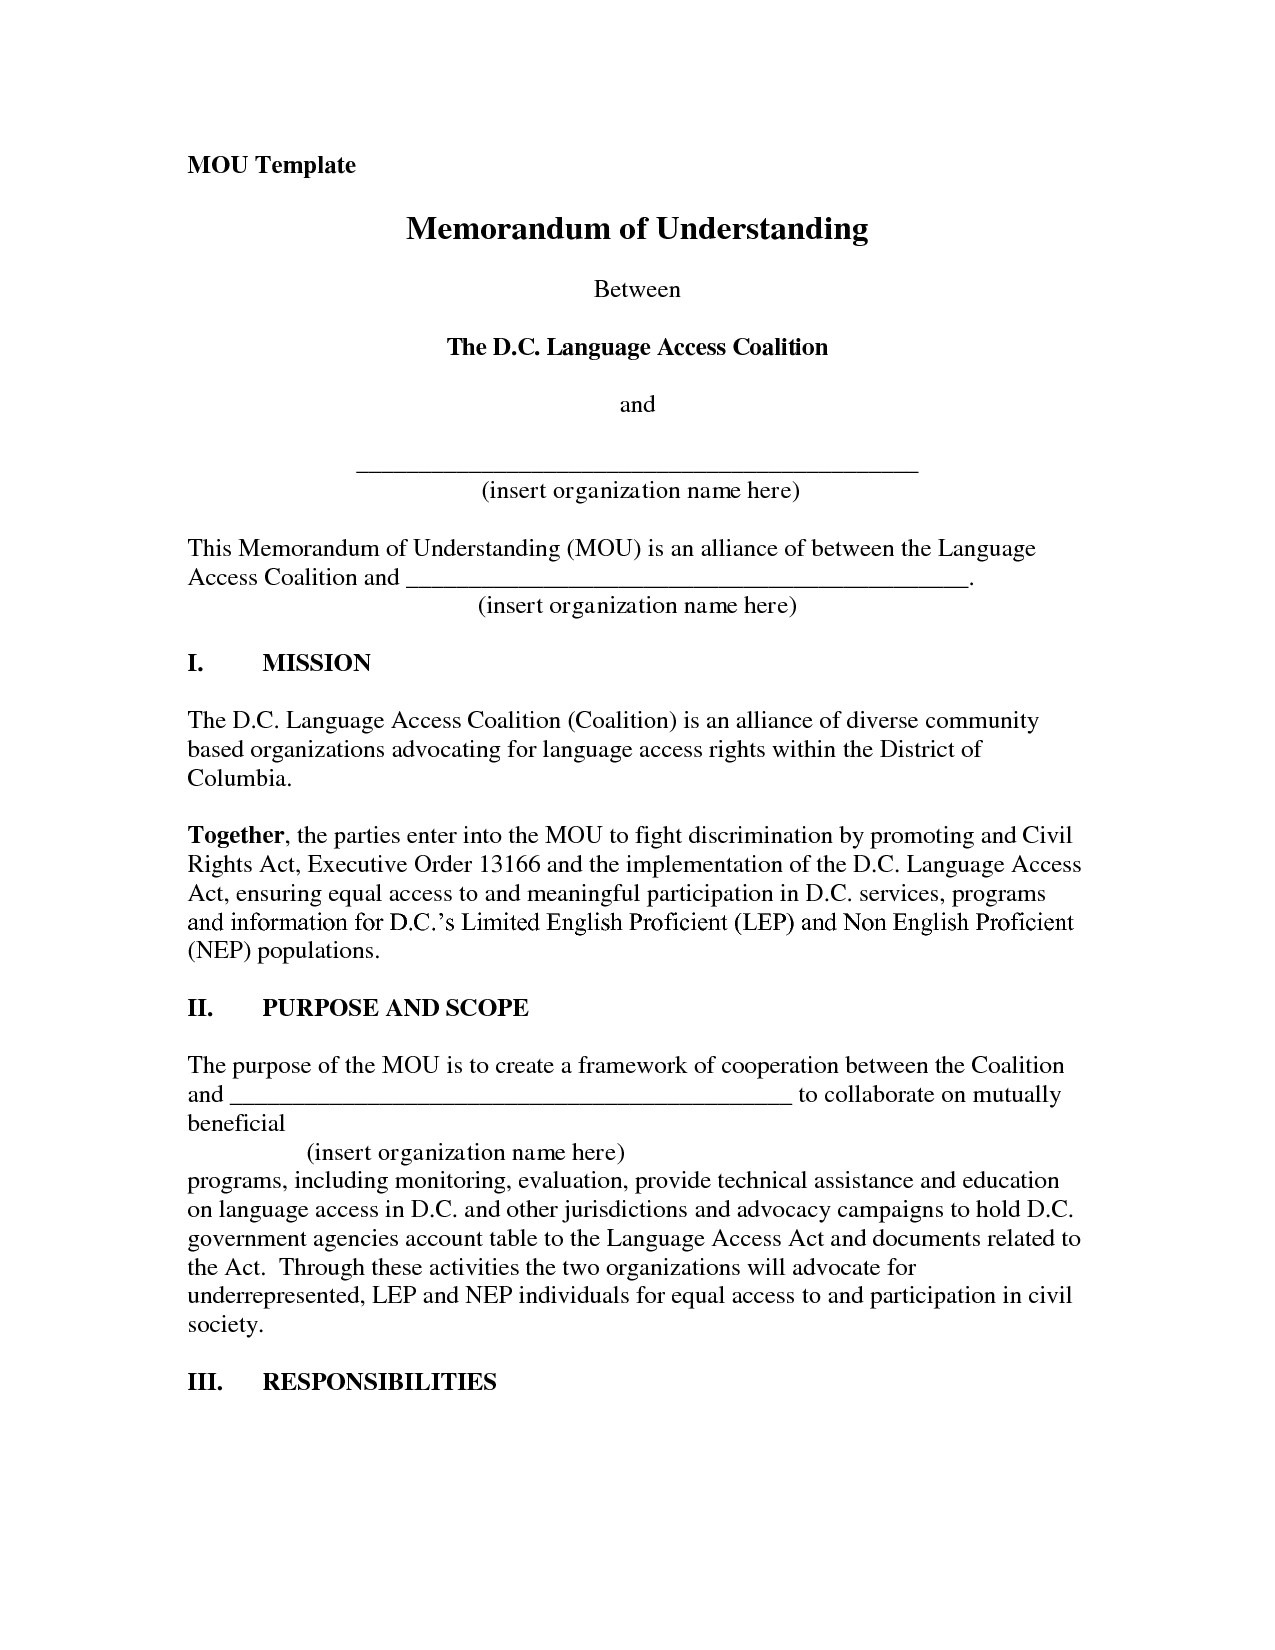 post example memorandum of understanding template 74736